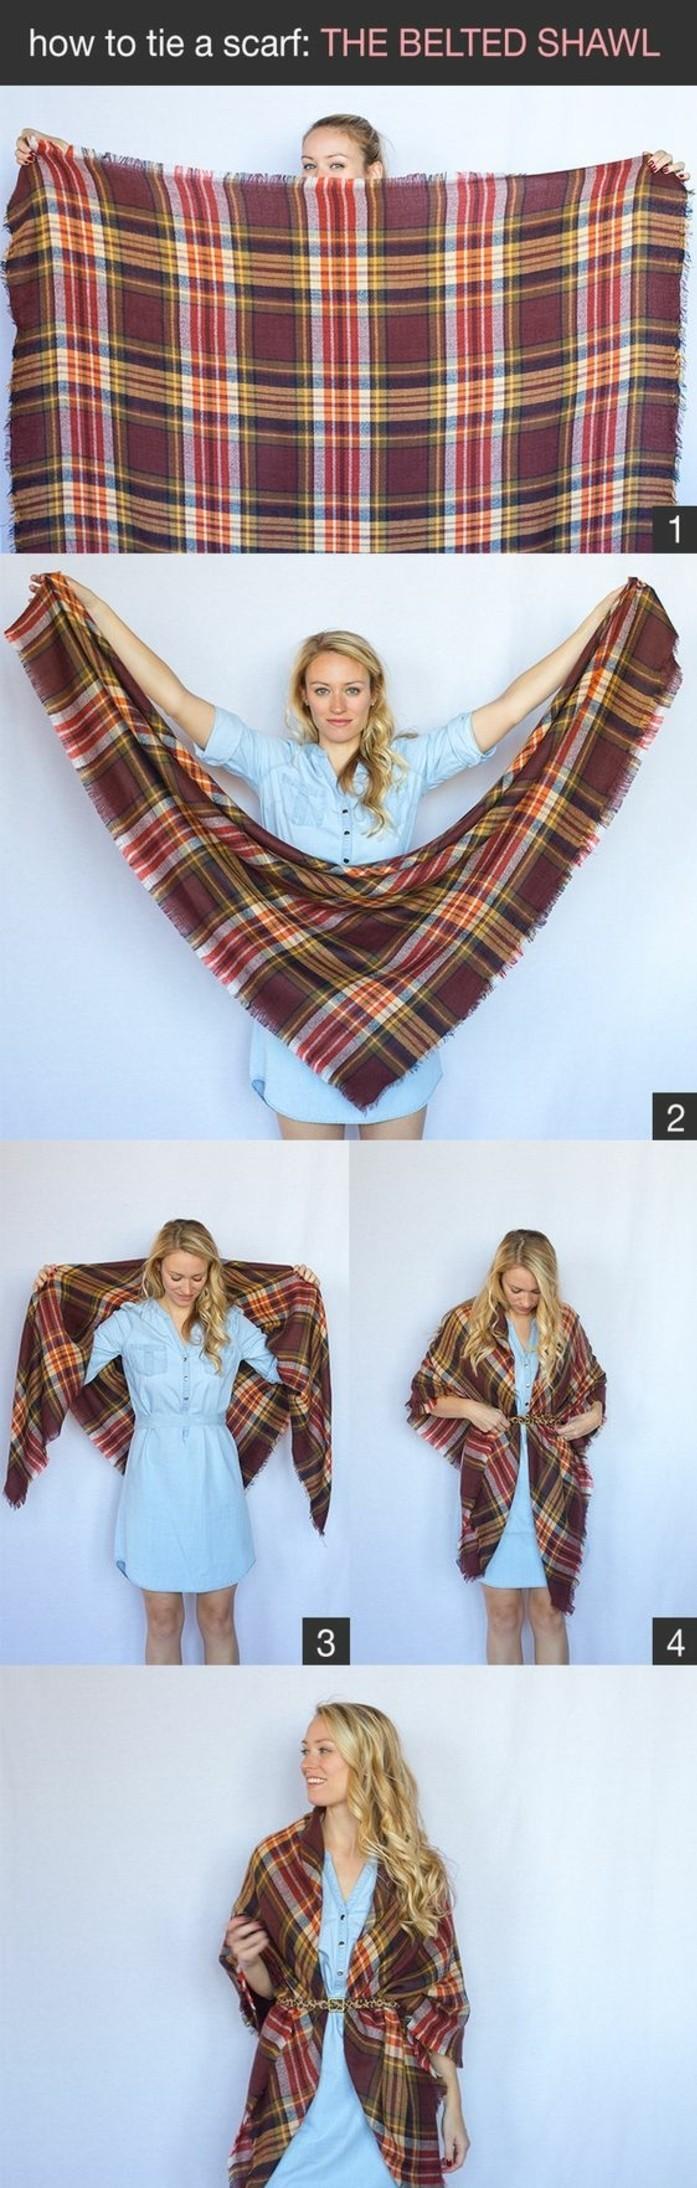 comment-porter-un-foulard-mettre-le-foulard-de-facon-originale